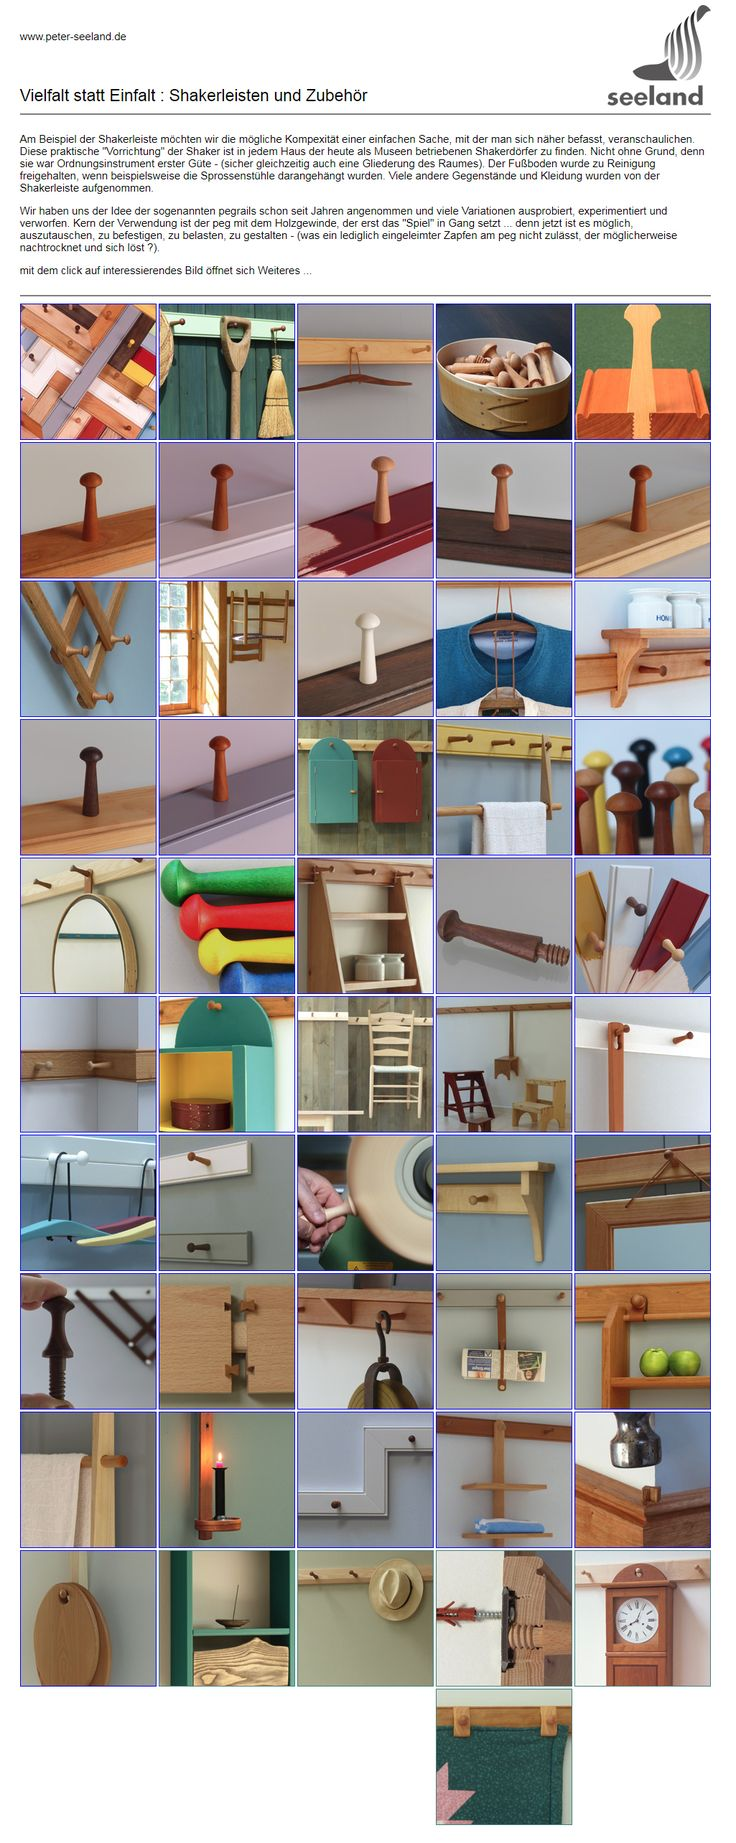 8 besten Innenarchitektur-Accessoires Bilder auf Pinterest ...